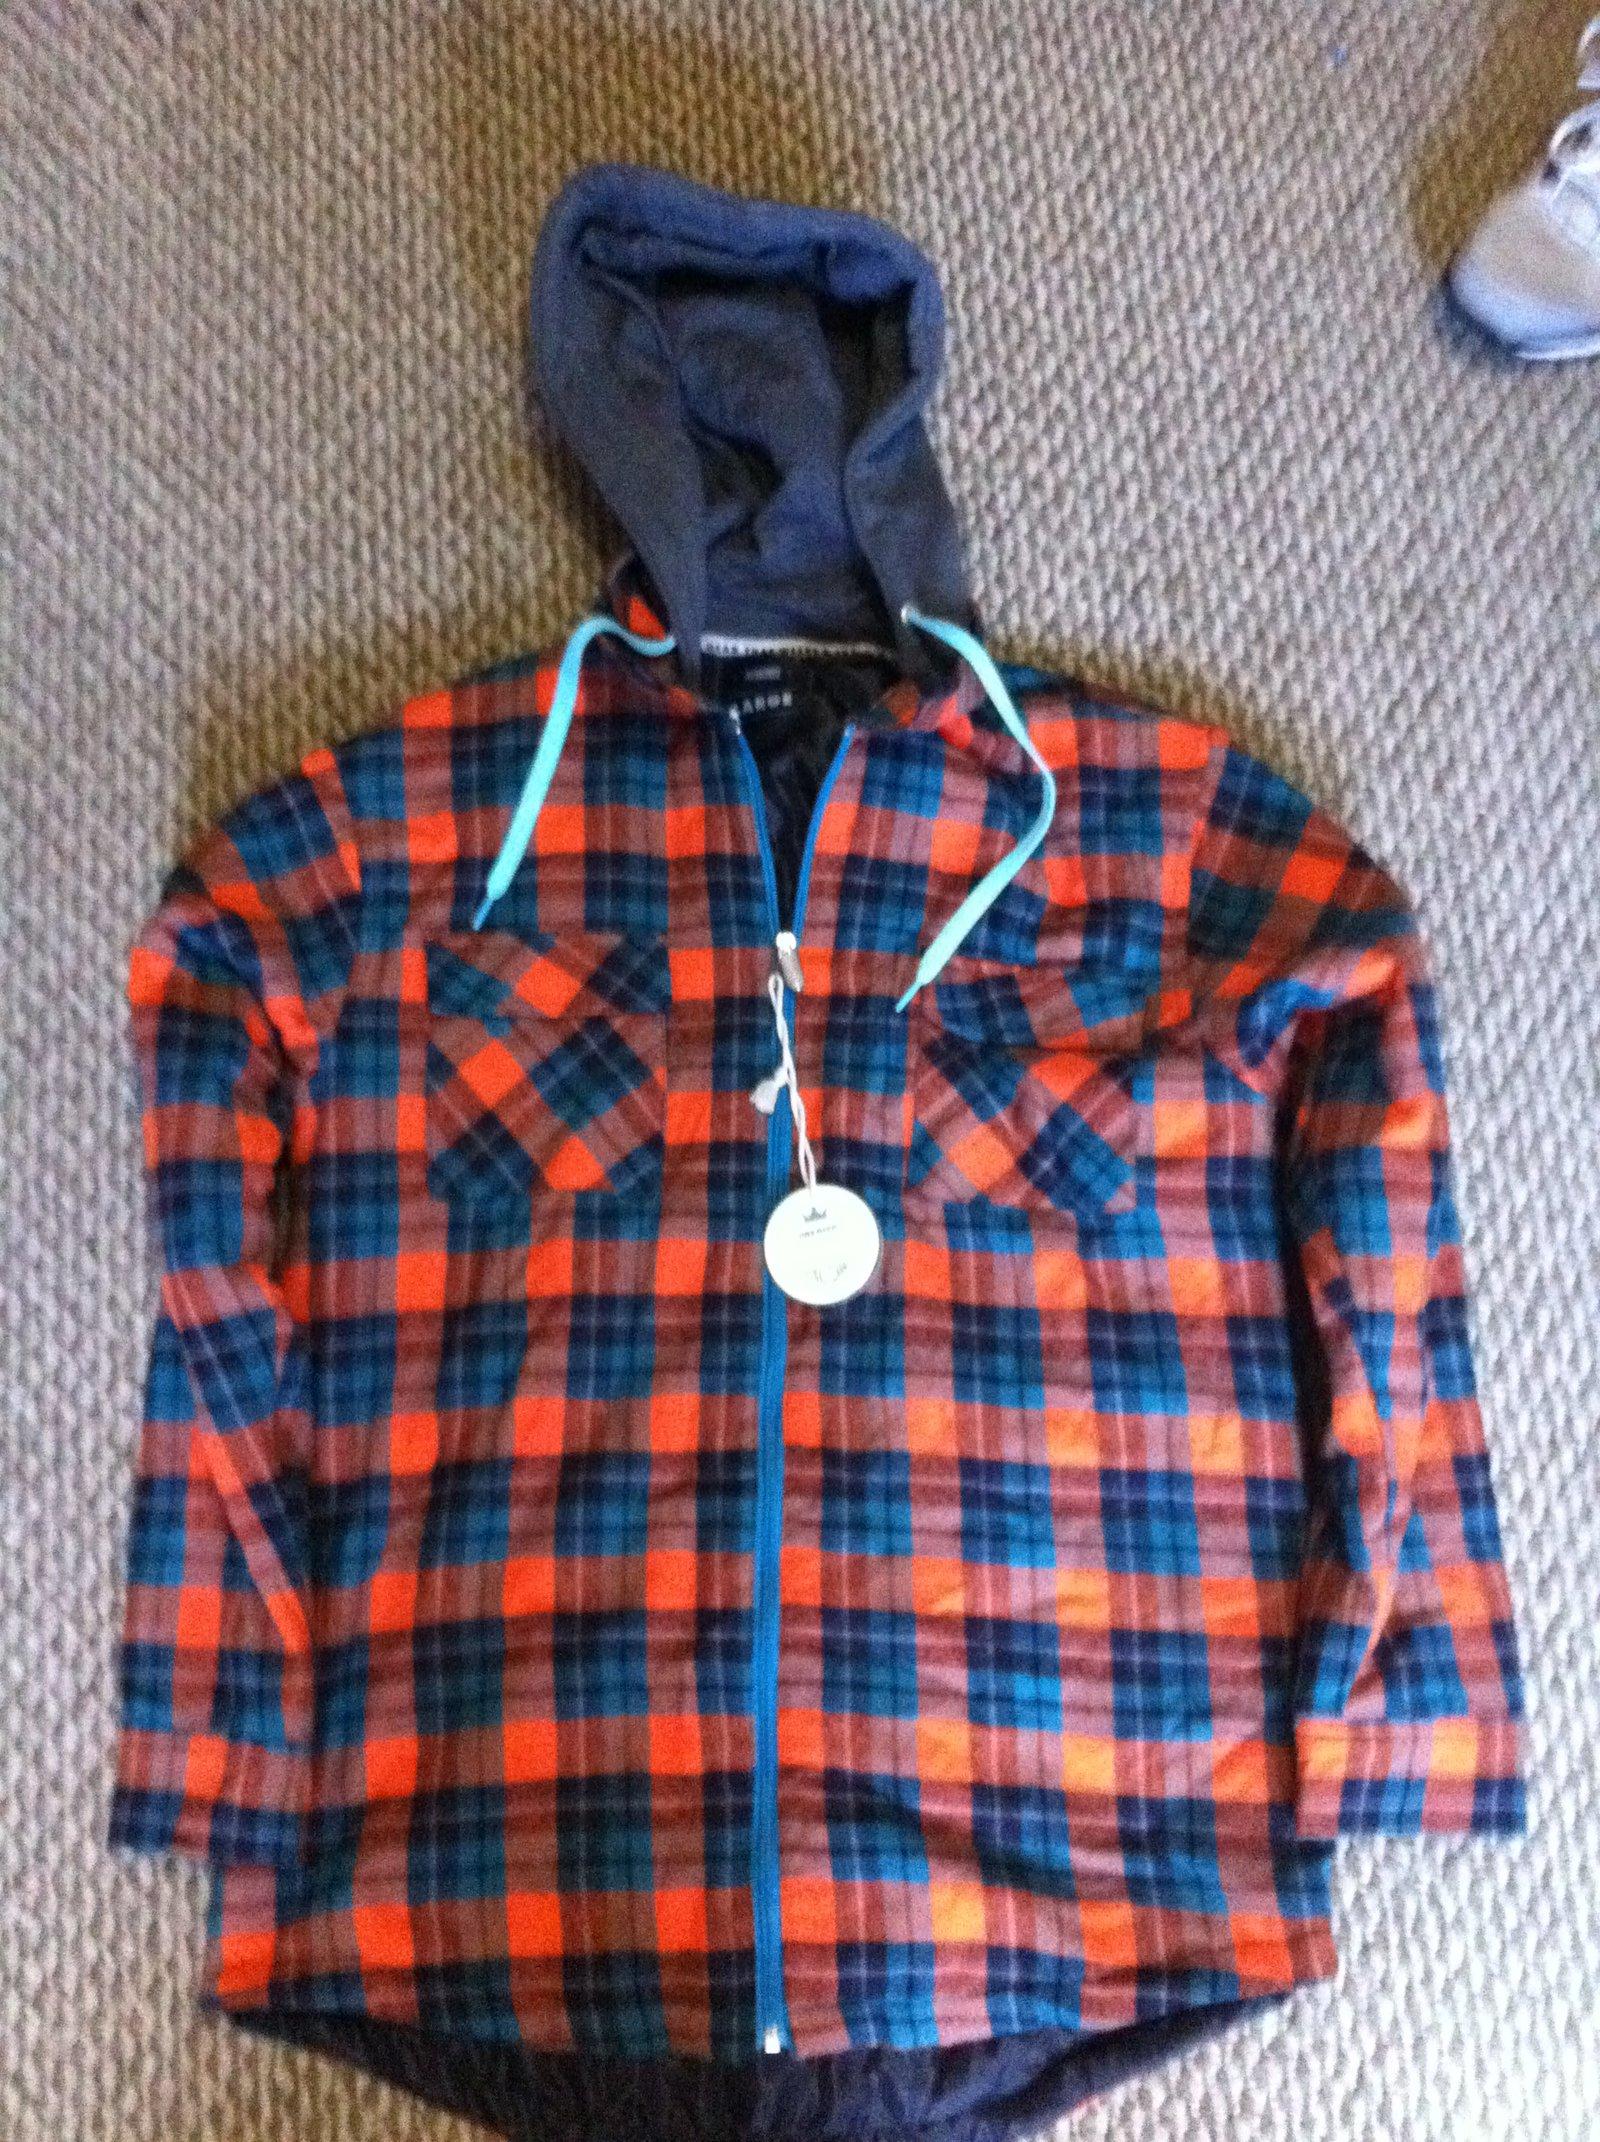 jiberish flannel